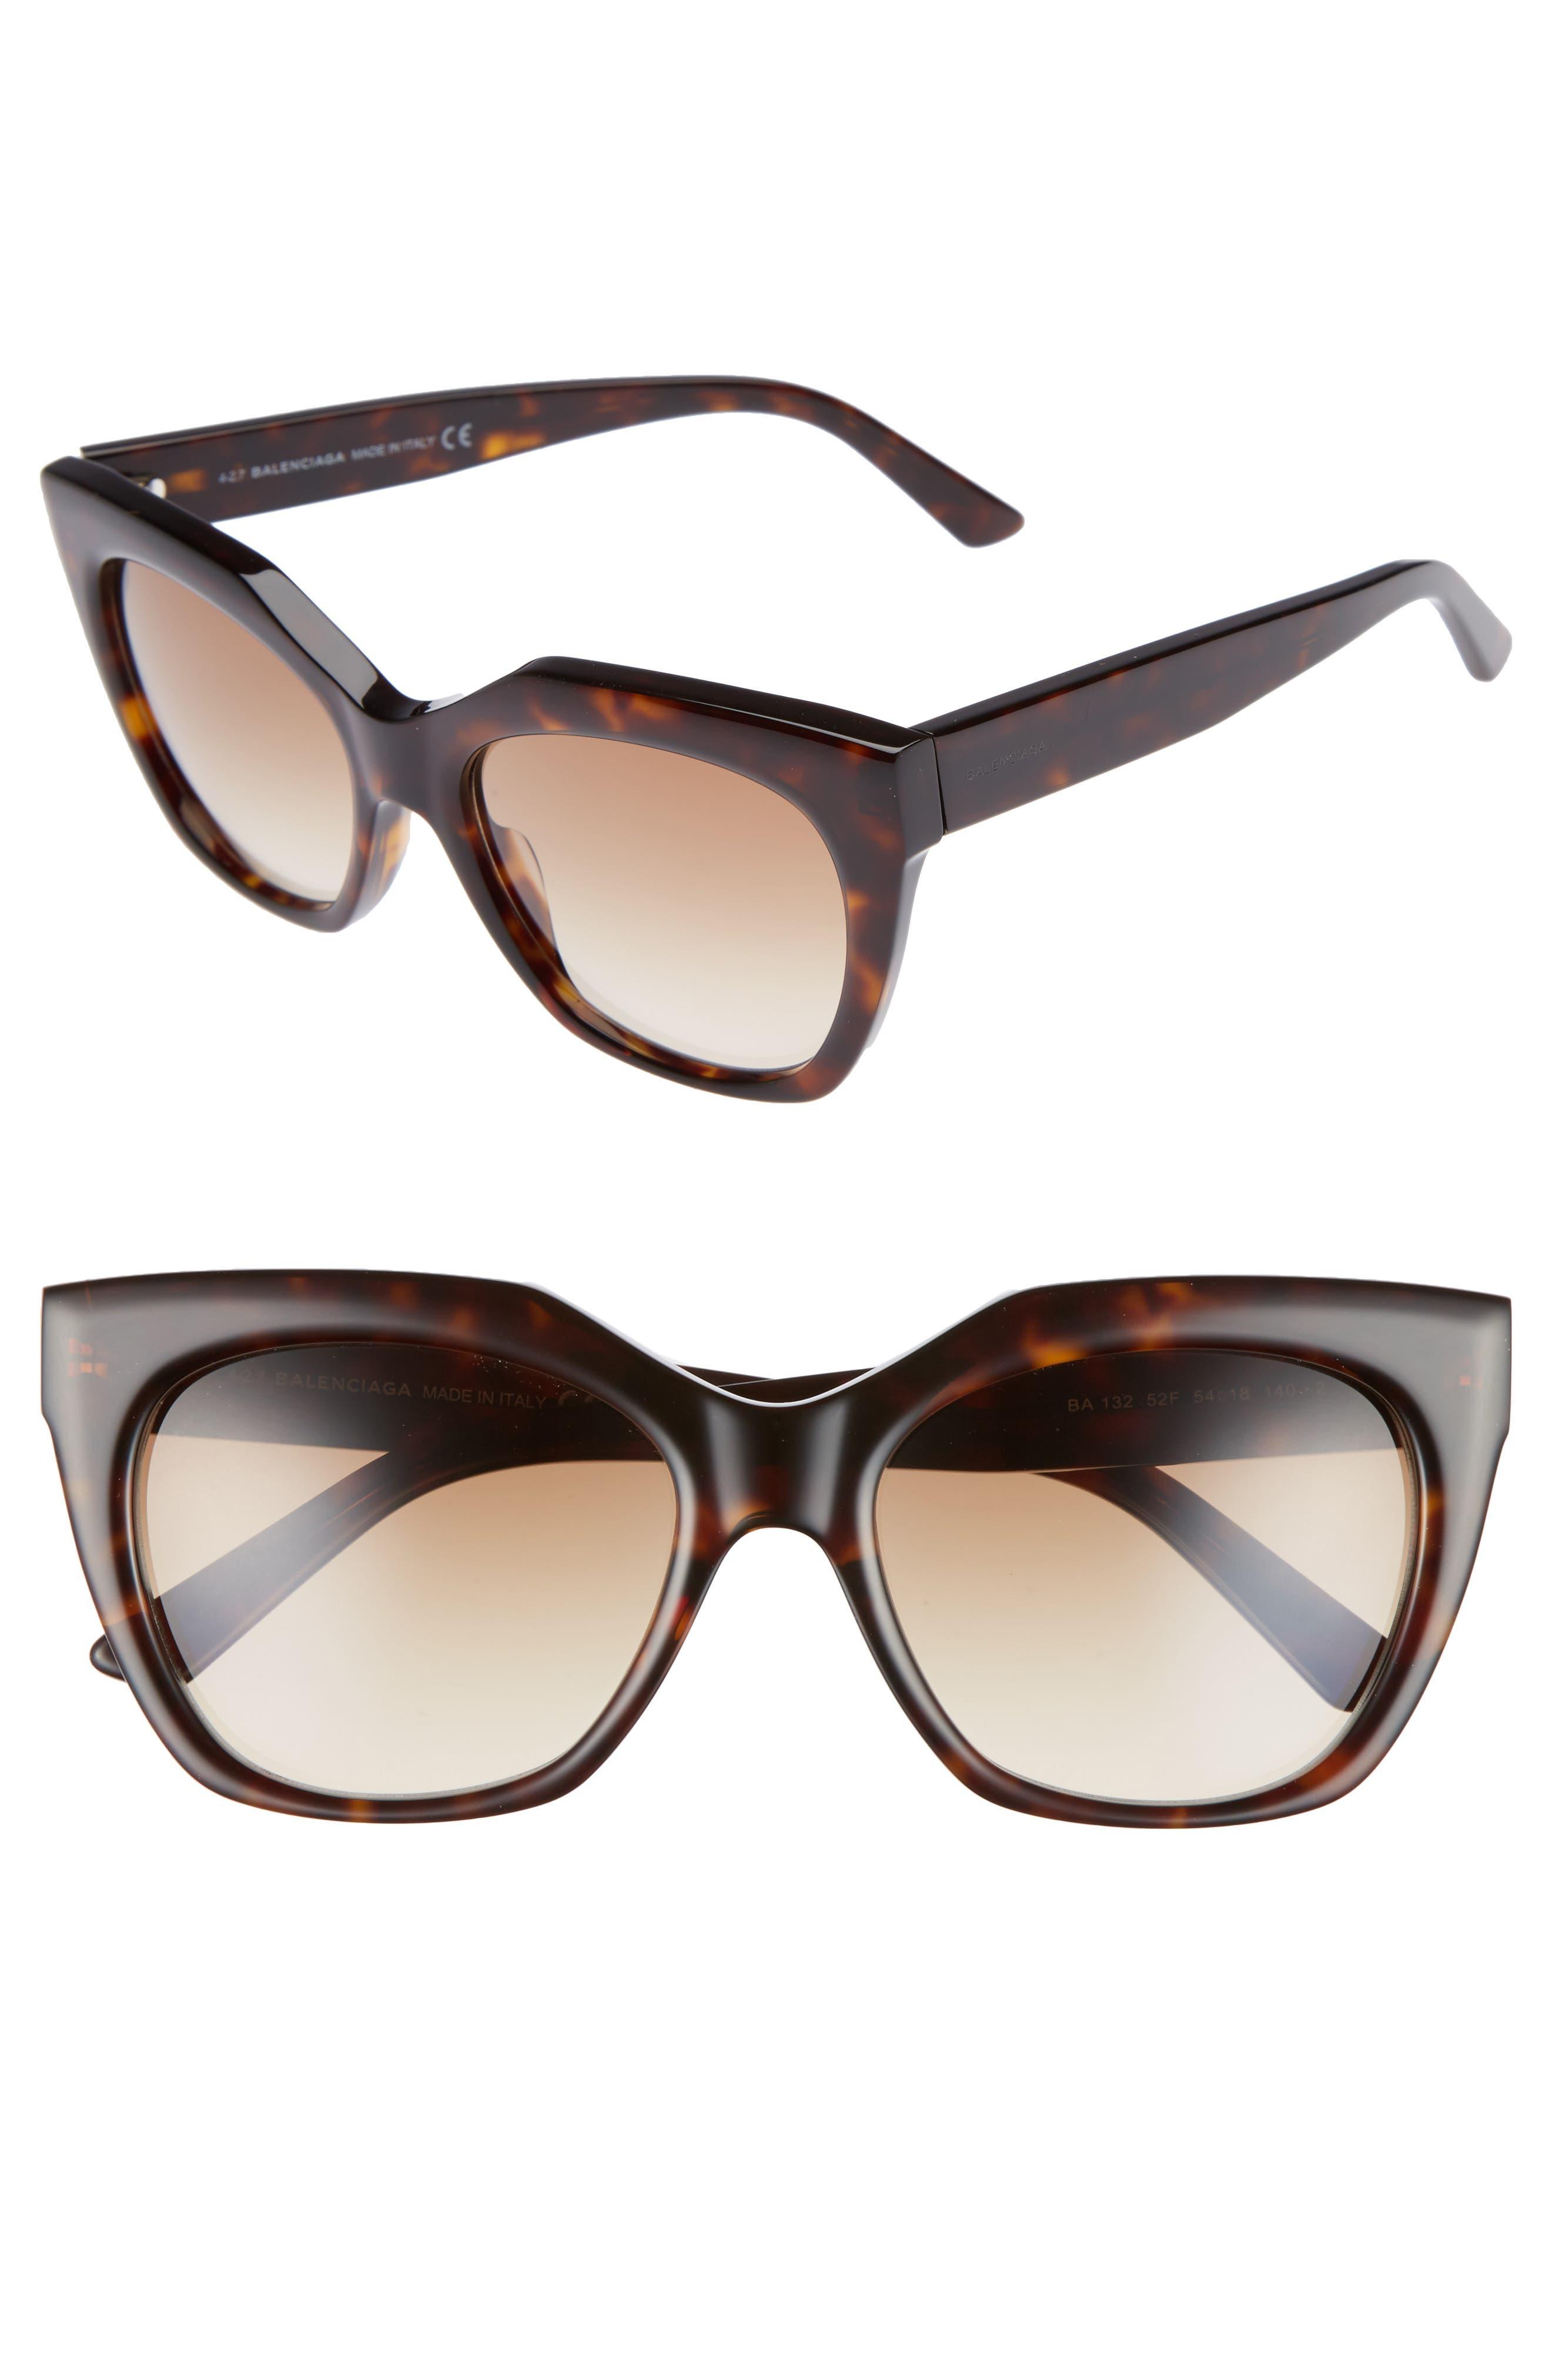 54mm Cat Eye Sunglasses,                             Main thumbnail 1, color,                             DARK HAVANA/ GRADIENT BROWN